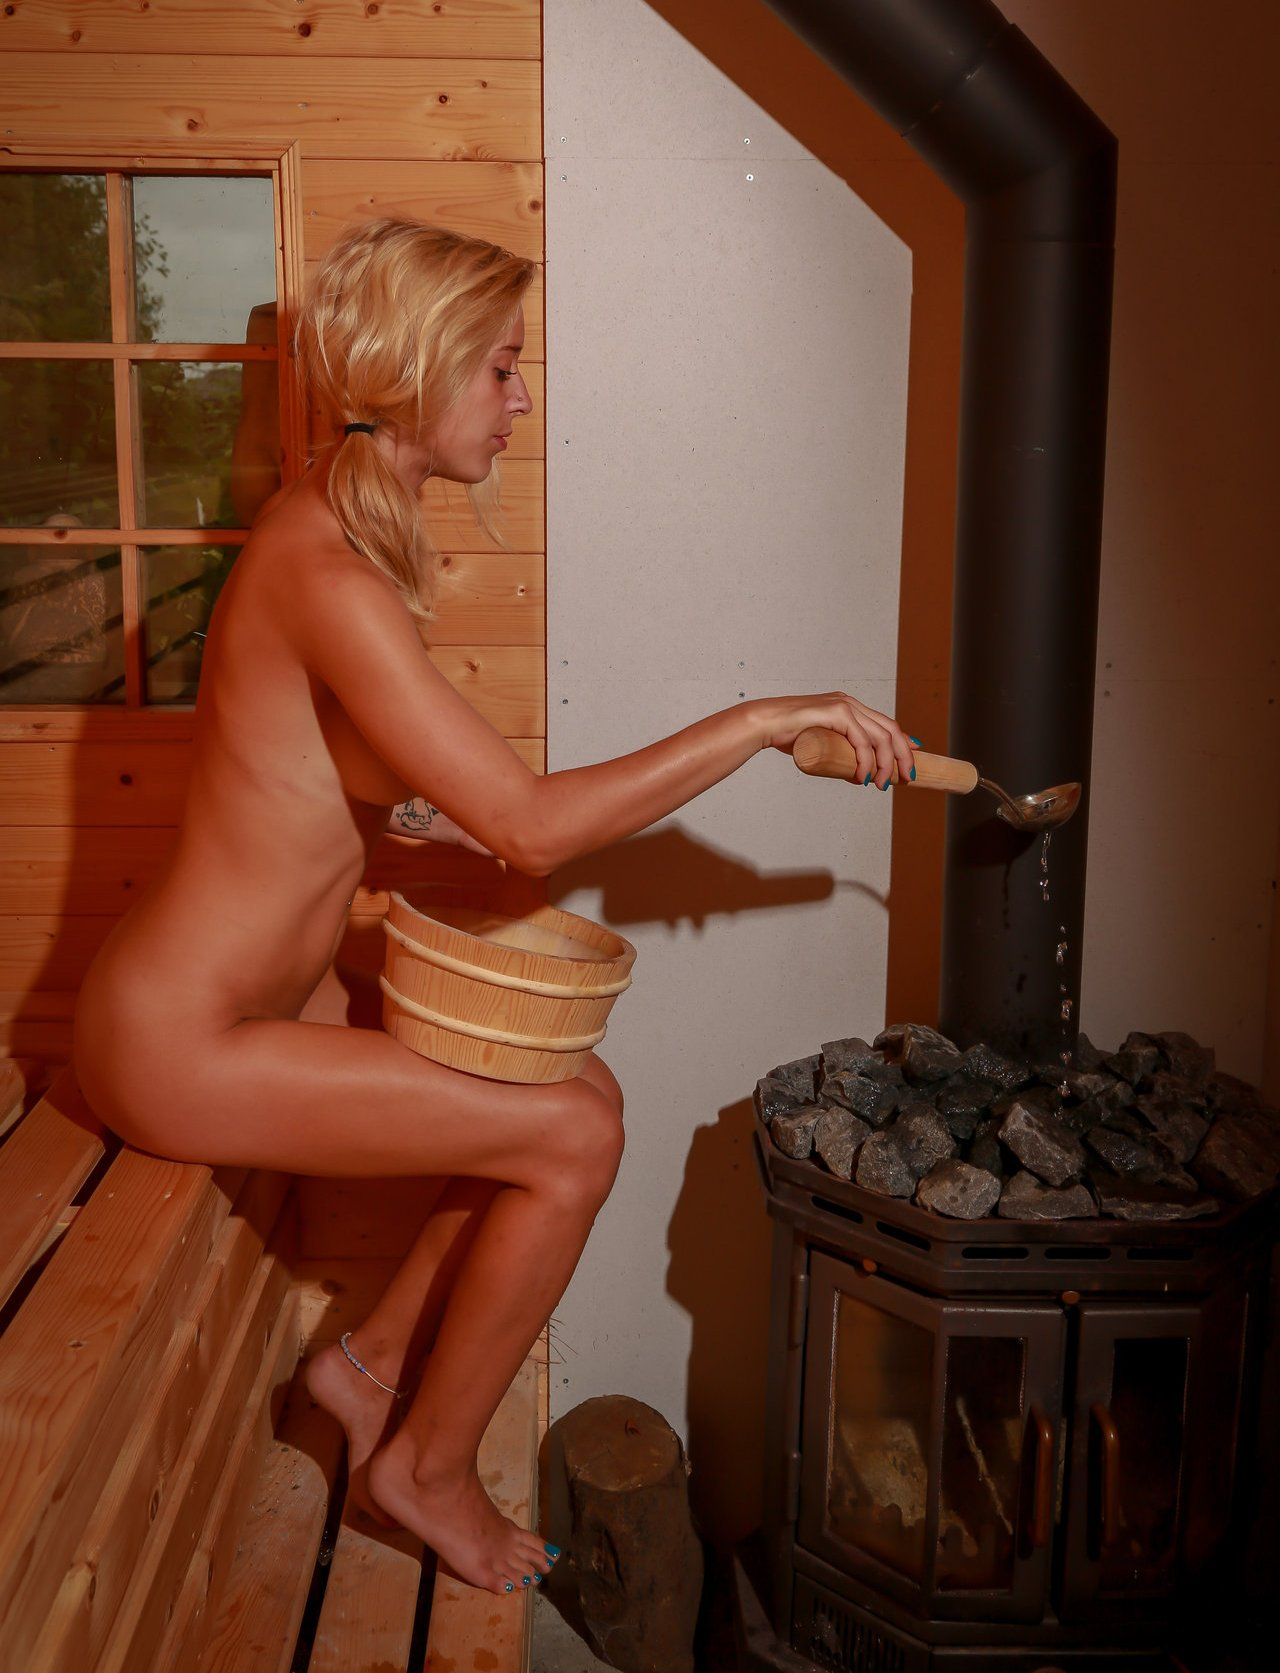 Stella Cordes Anakedgirl Nudes Leaks 0040